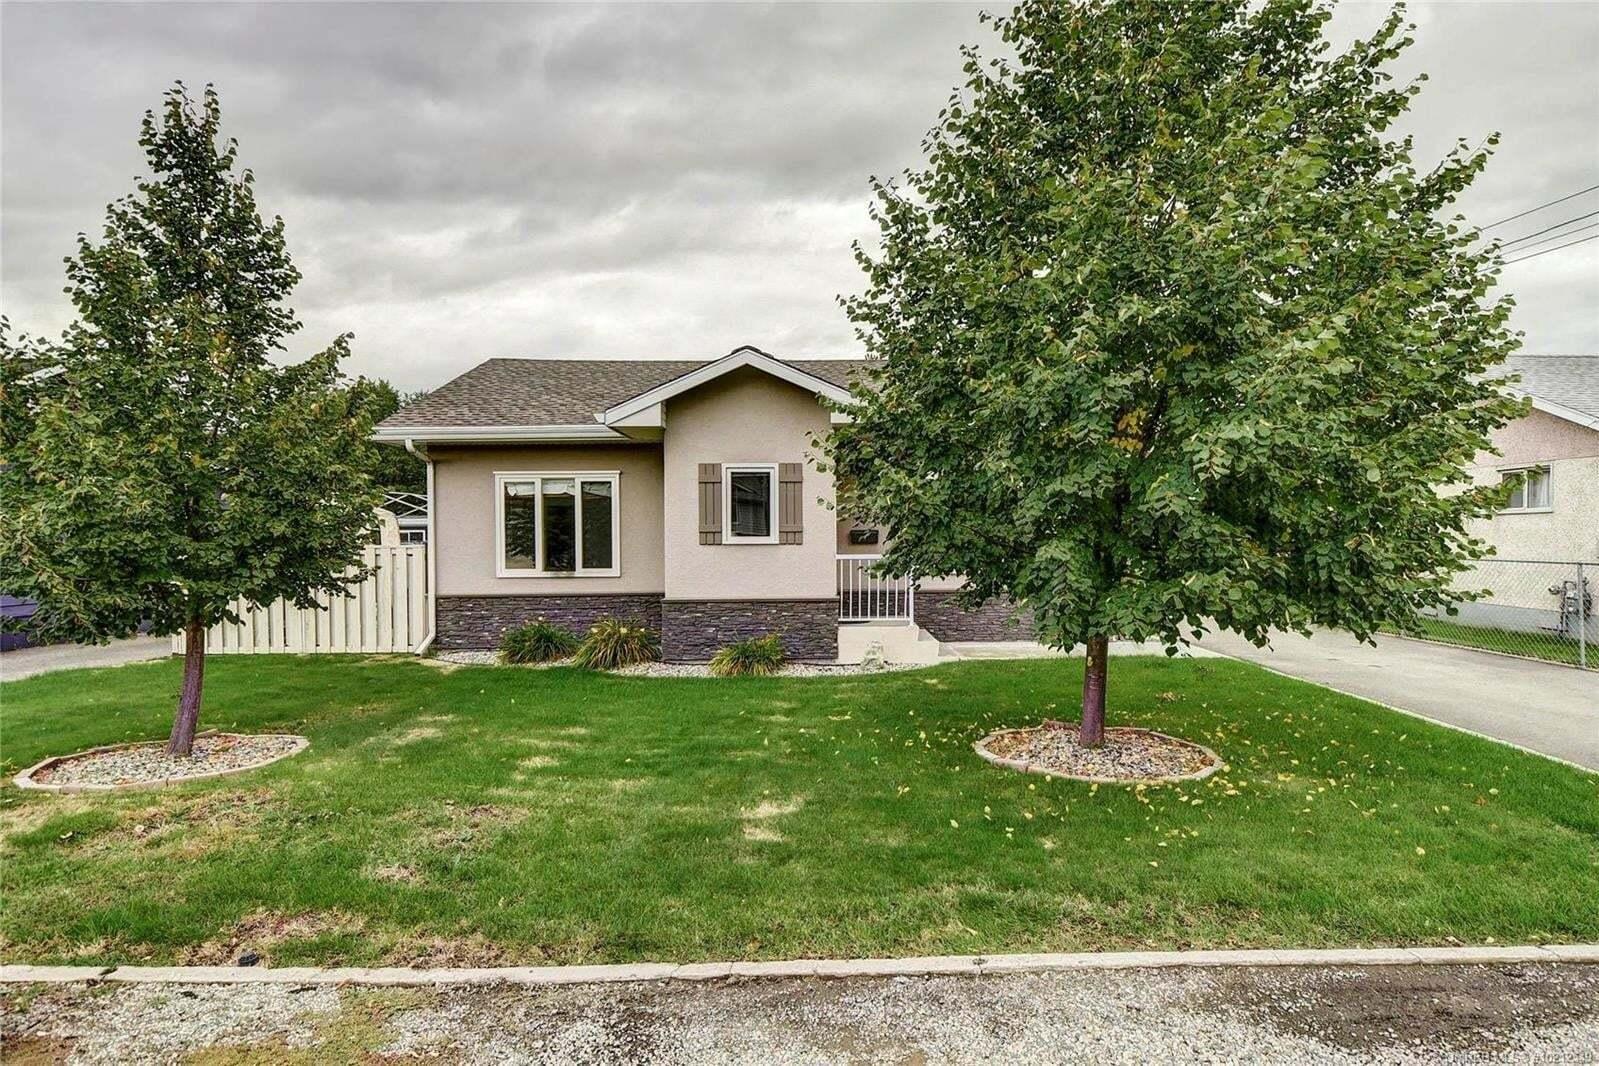 House for sale at 185 Sadler Rd Kelowna British Columbia - MLS: 10212549